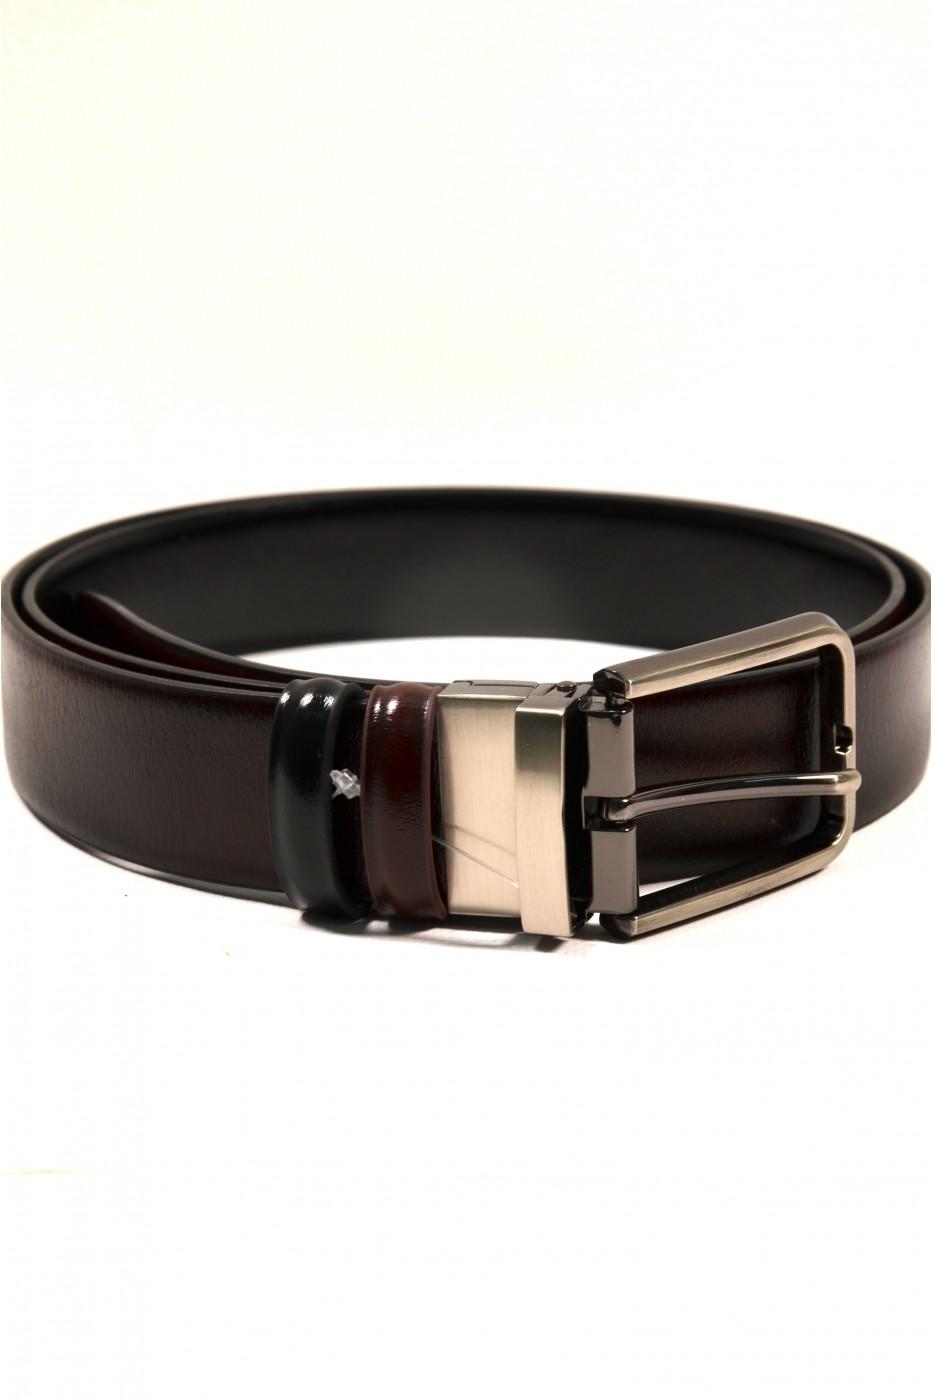 Двусторонний кожаный мужской ремень с чёрным и коричневым цветом Навигатор